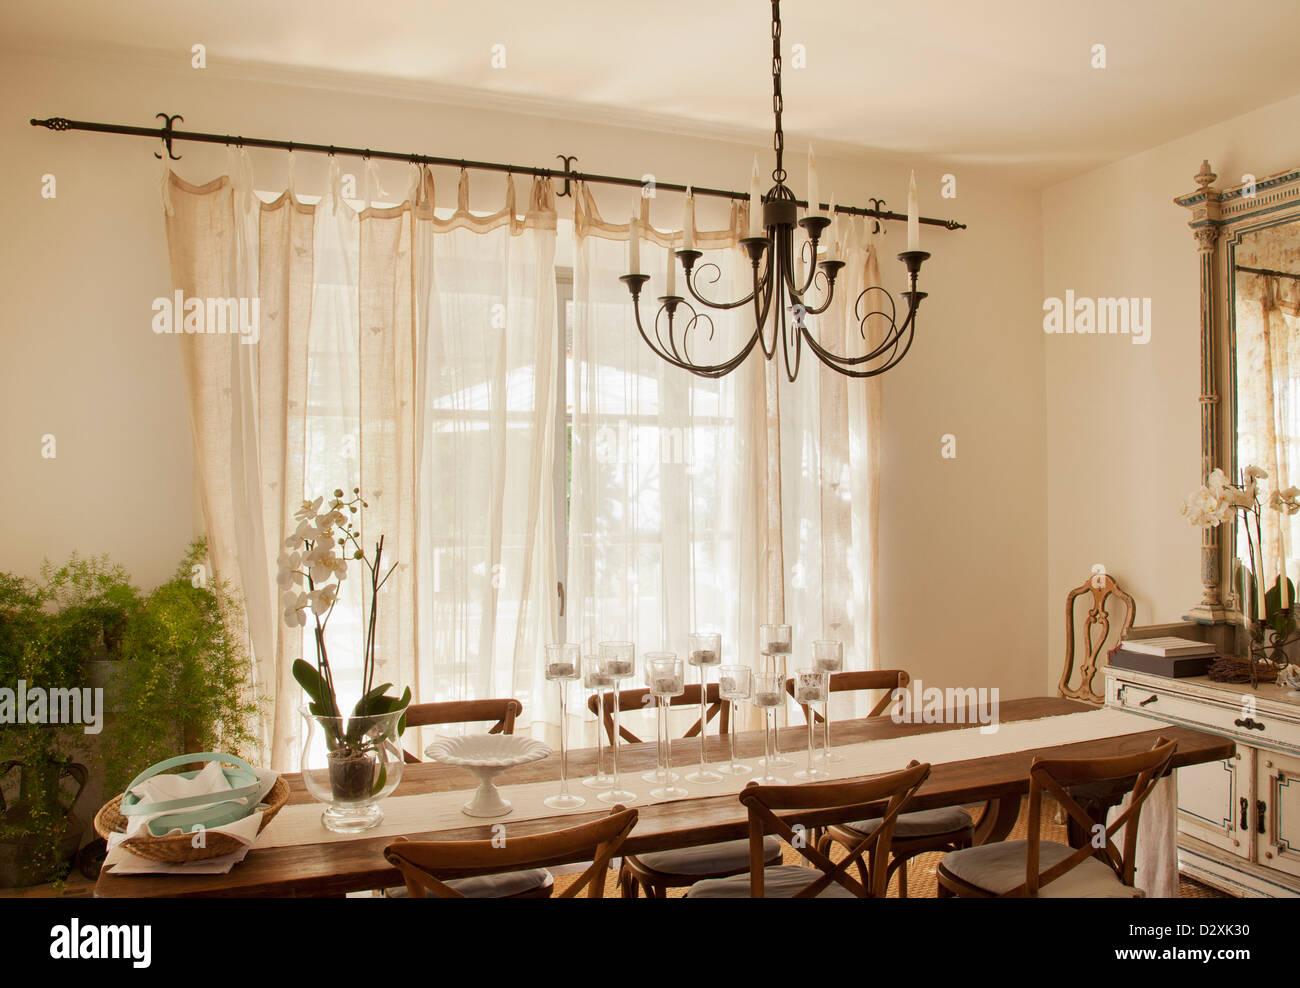 Lo trovi oggi in promozione su lightinthebox.com! Lampadario Su Tavolo Da Pranzo Foto Stock Alamy